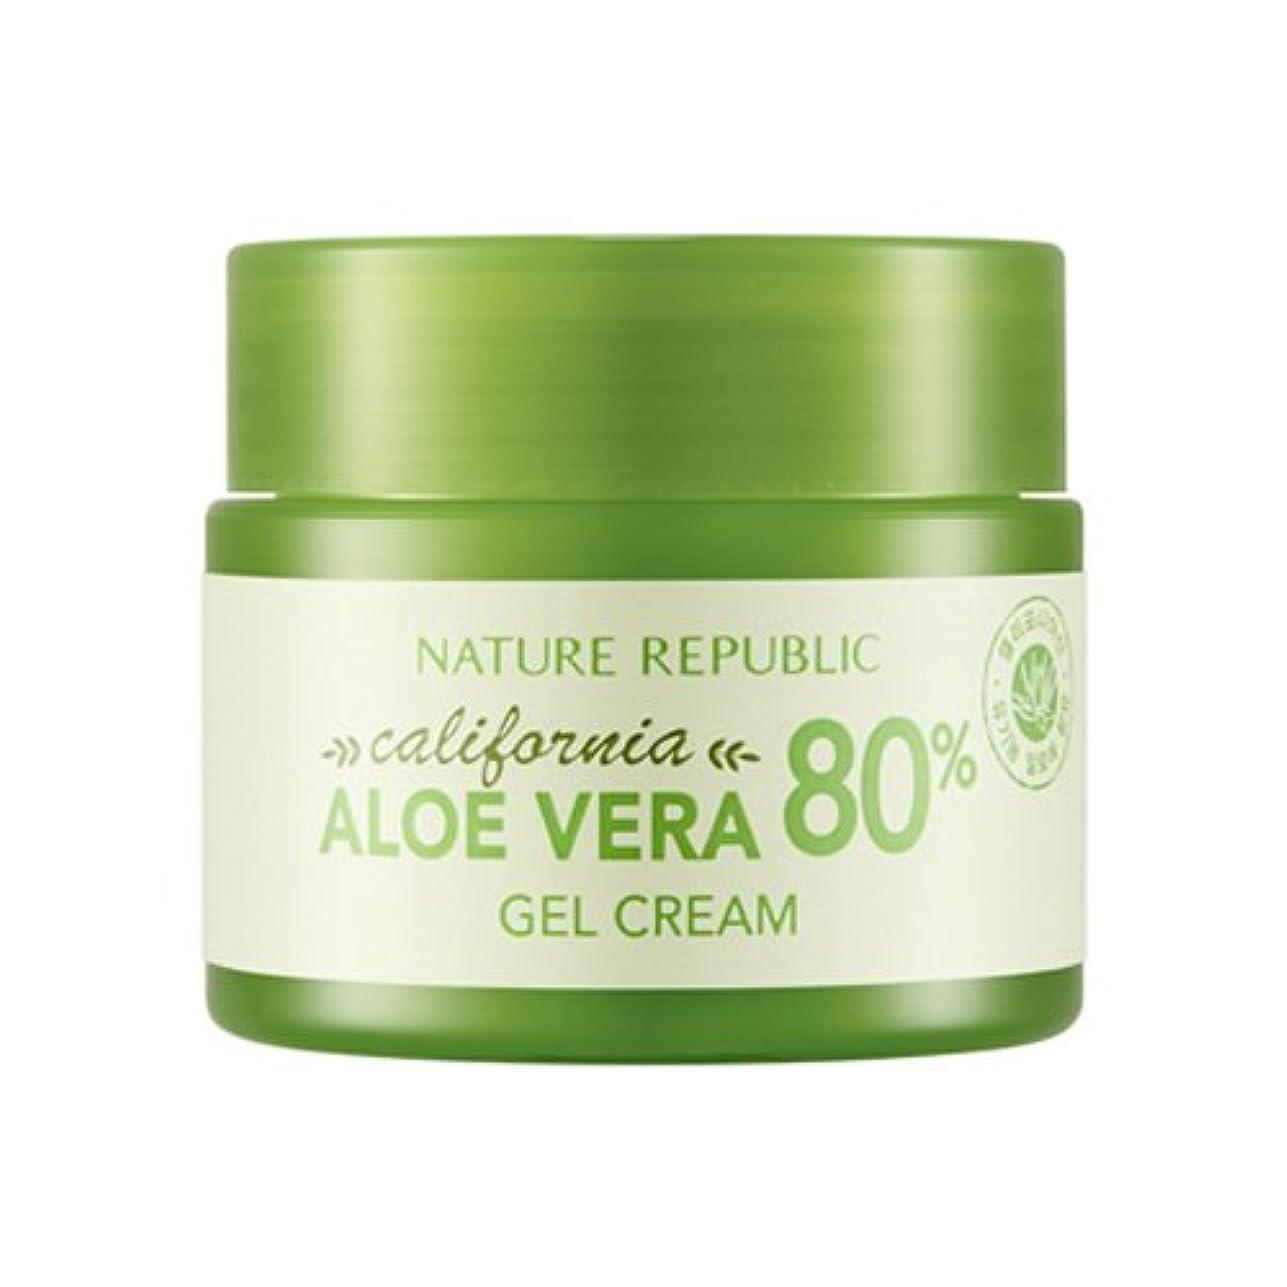 メナジェリー補充位置する[ネイチャーリパブリック] Nature Republic カリフォルニアアロエベラ80%のゲルクリーム California Aloe Vera 80% Gel Cream [並行輸入品]